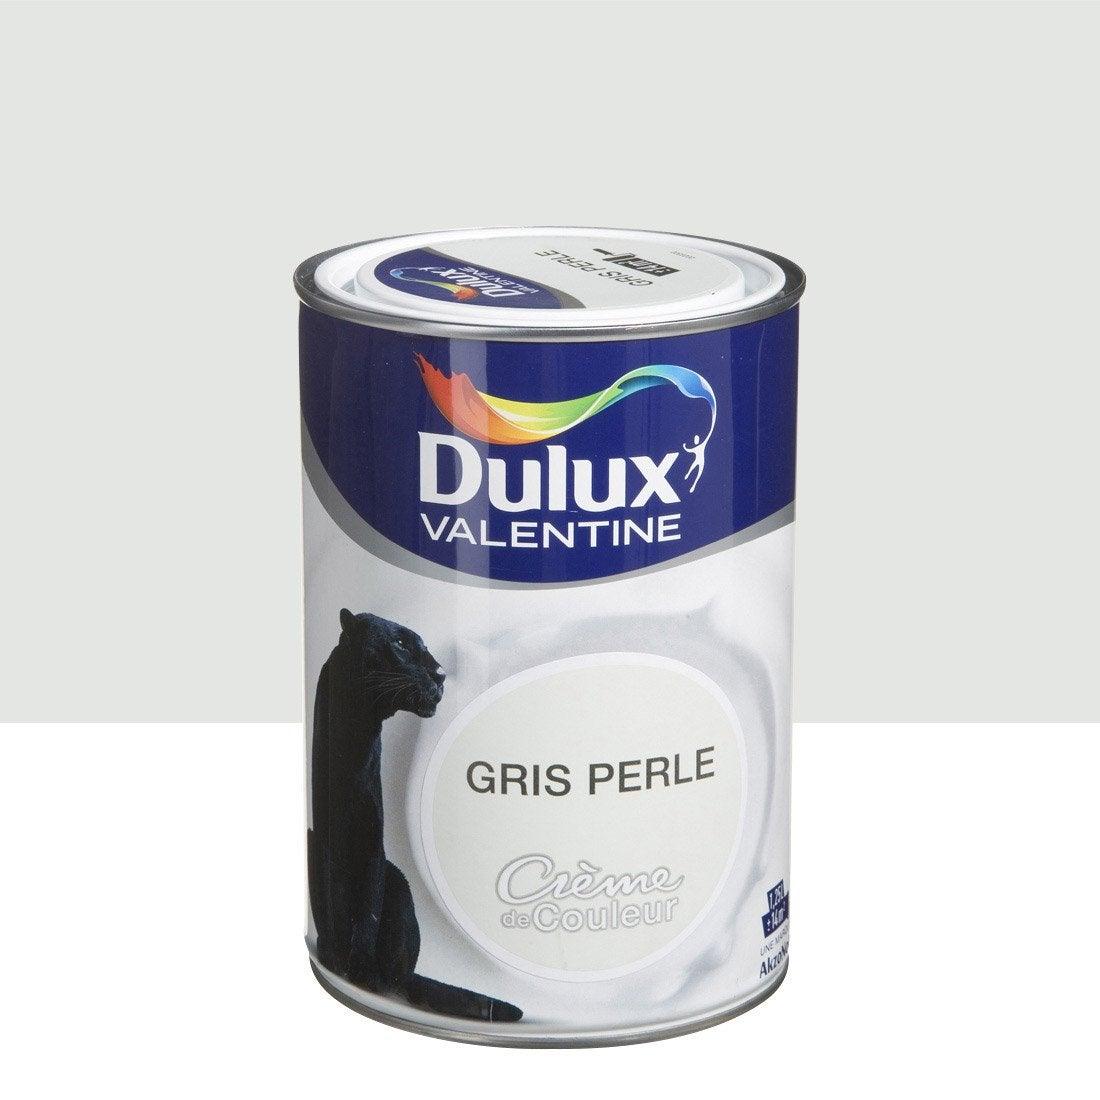 Peinture multisupports cr me de couleur dulux valentine gris perle l leroy merlin for Couleur gris zingue